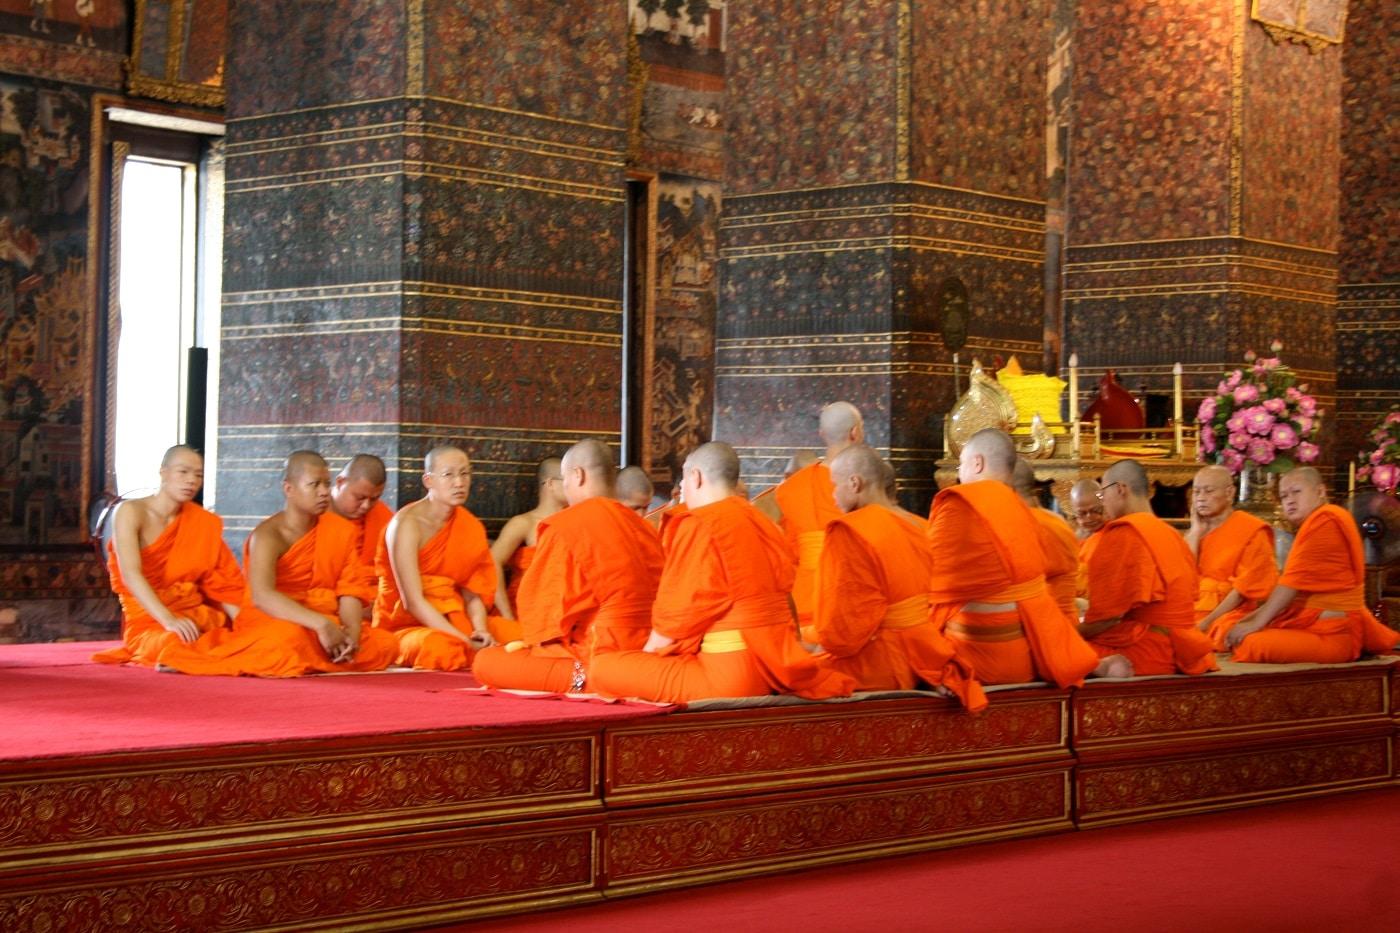 Călugării budiști petrec o viață în rugăciune